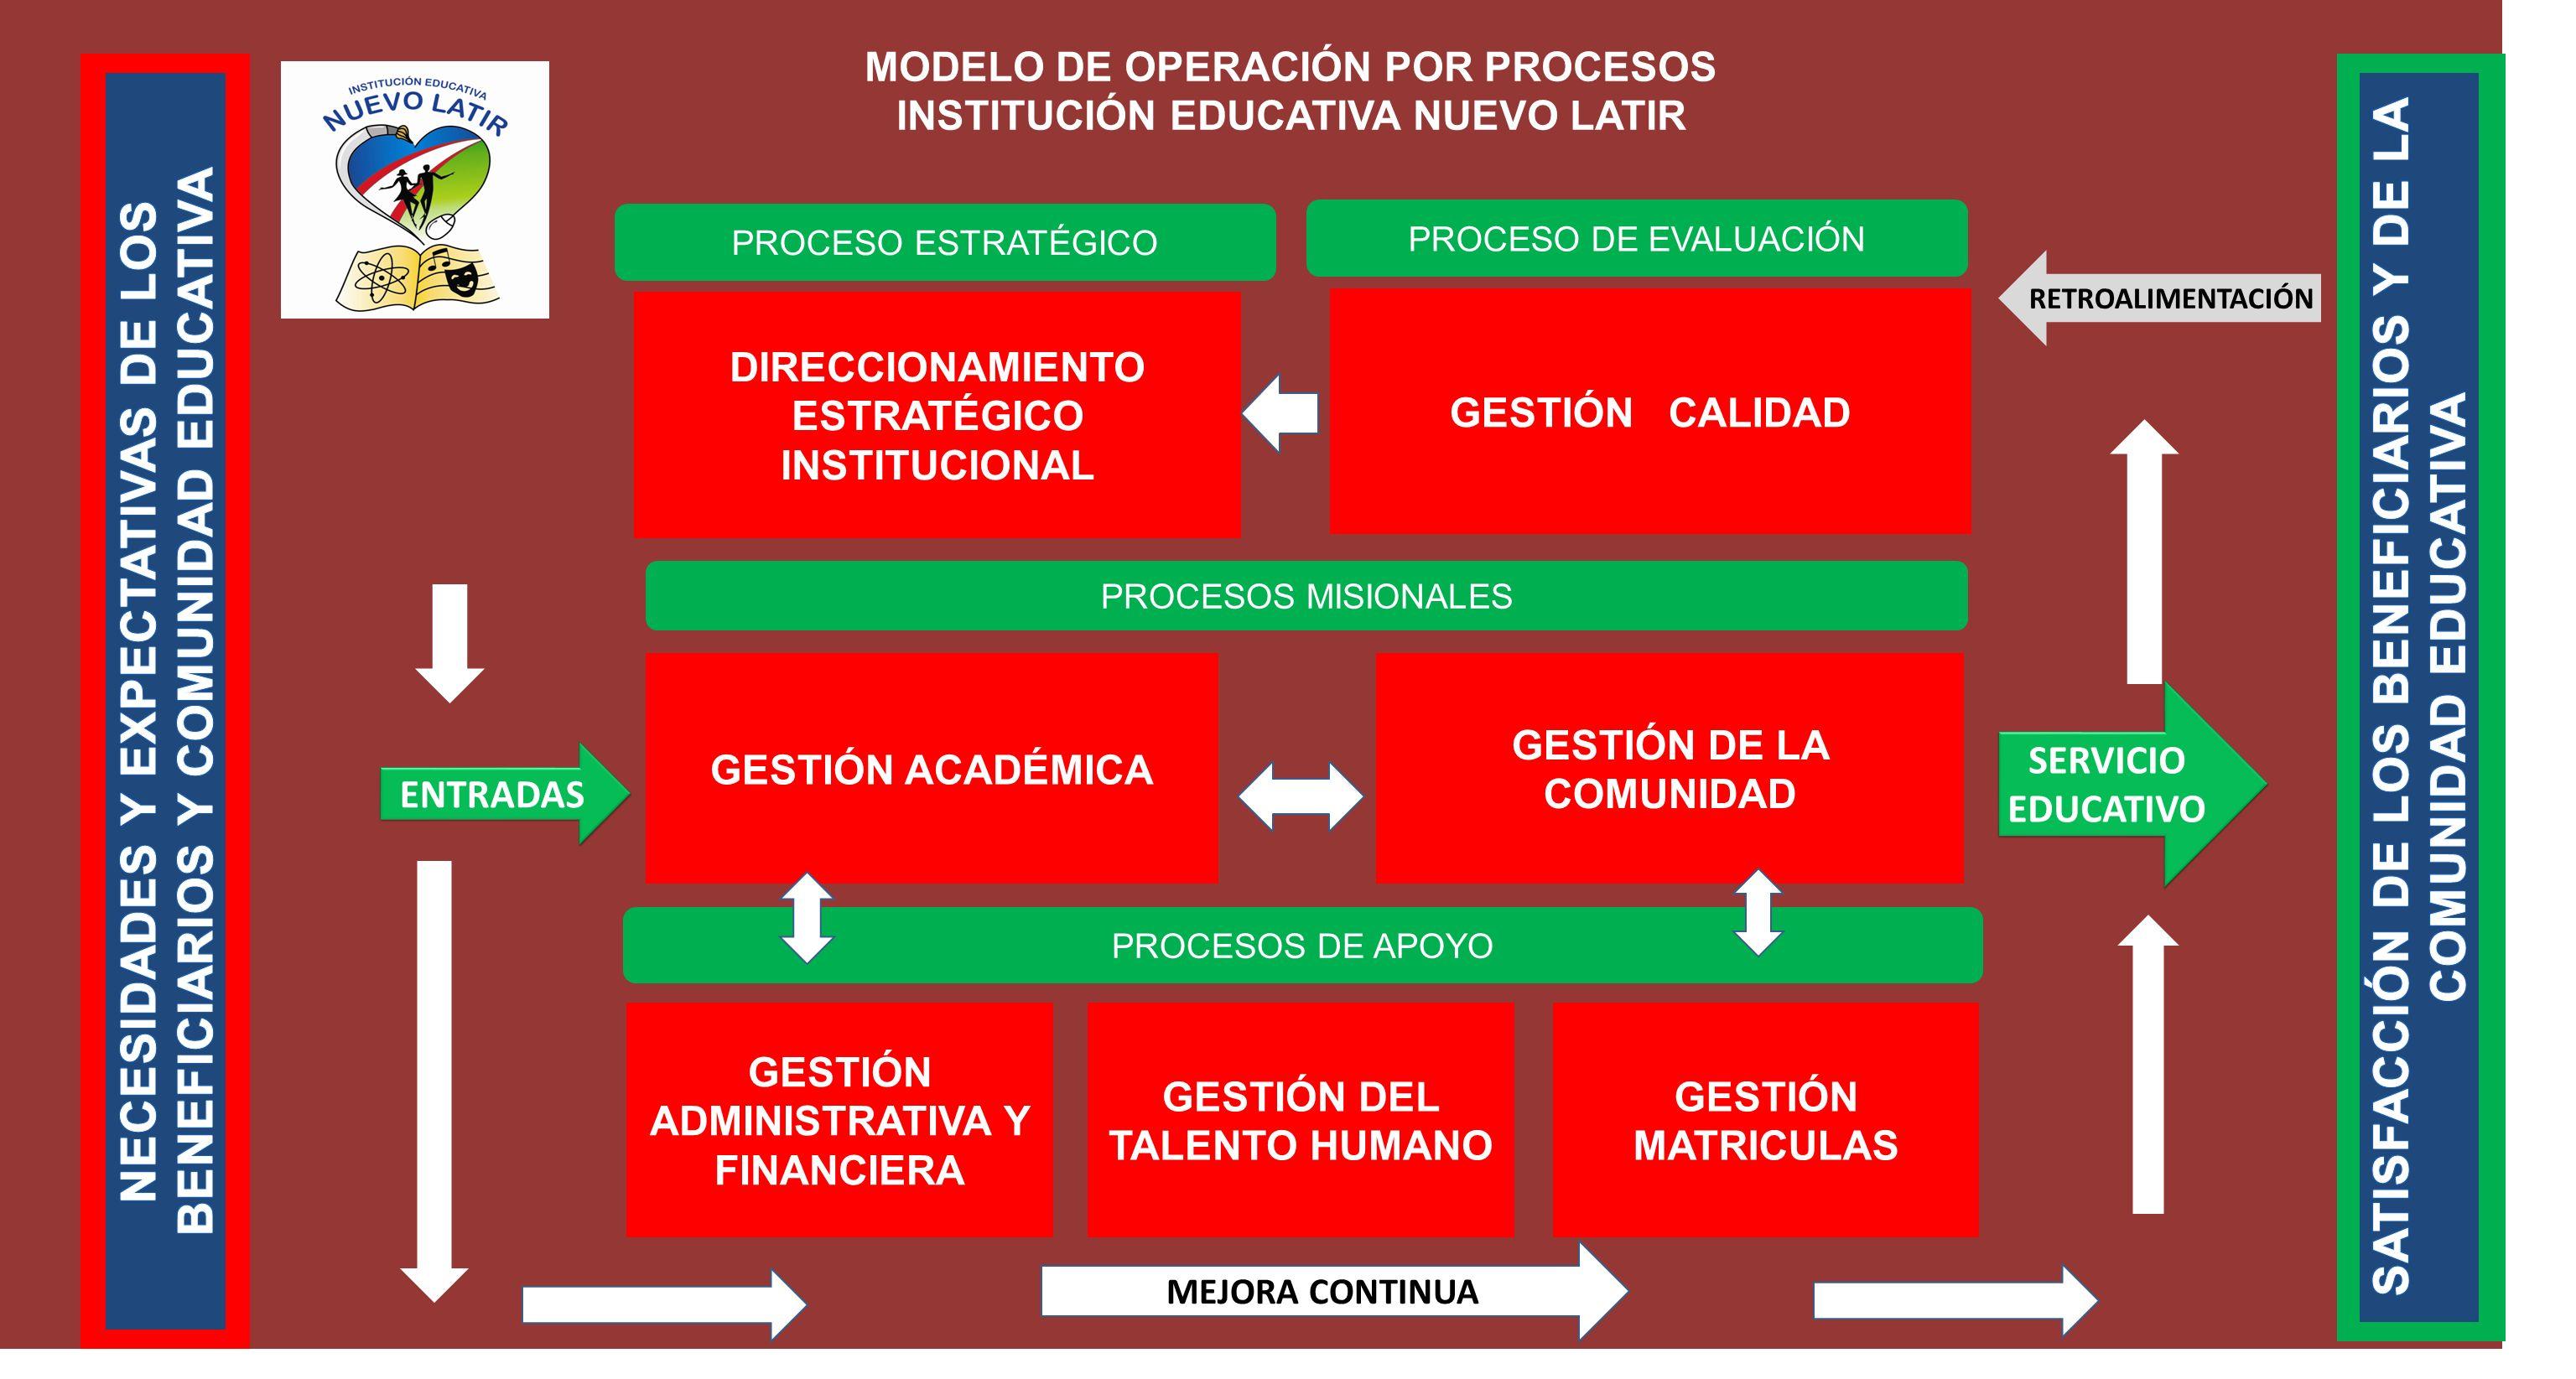 MACROPROCESO DE DESARROLLO INTEGRAL DEL TERRITORIO MACROPROCESO DE DESARROLLO INTEGRAL DEL TERRITORIO DESARROLLO ECONOMICO Y COMPETITIVIDAD SOSTENIBILIDAD AMBIENTAL GESTIÓN CATASTRAL DESARROLLO FÍSICO Objetivo: Implementar acciones que contribuyan al desarrollo físico, económico y ambiental del municipio de Santiago de Cali, y lo conduzca a su crecimiento armónico y competitivo.